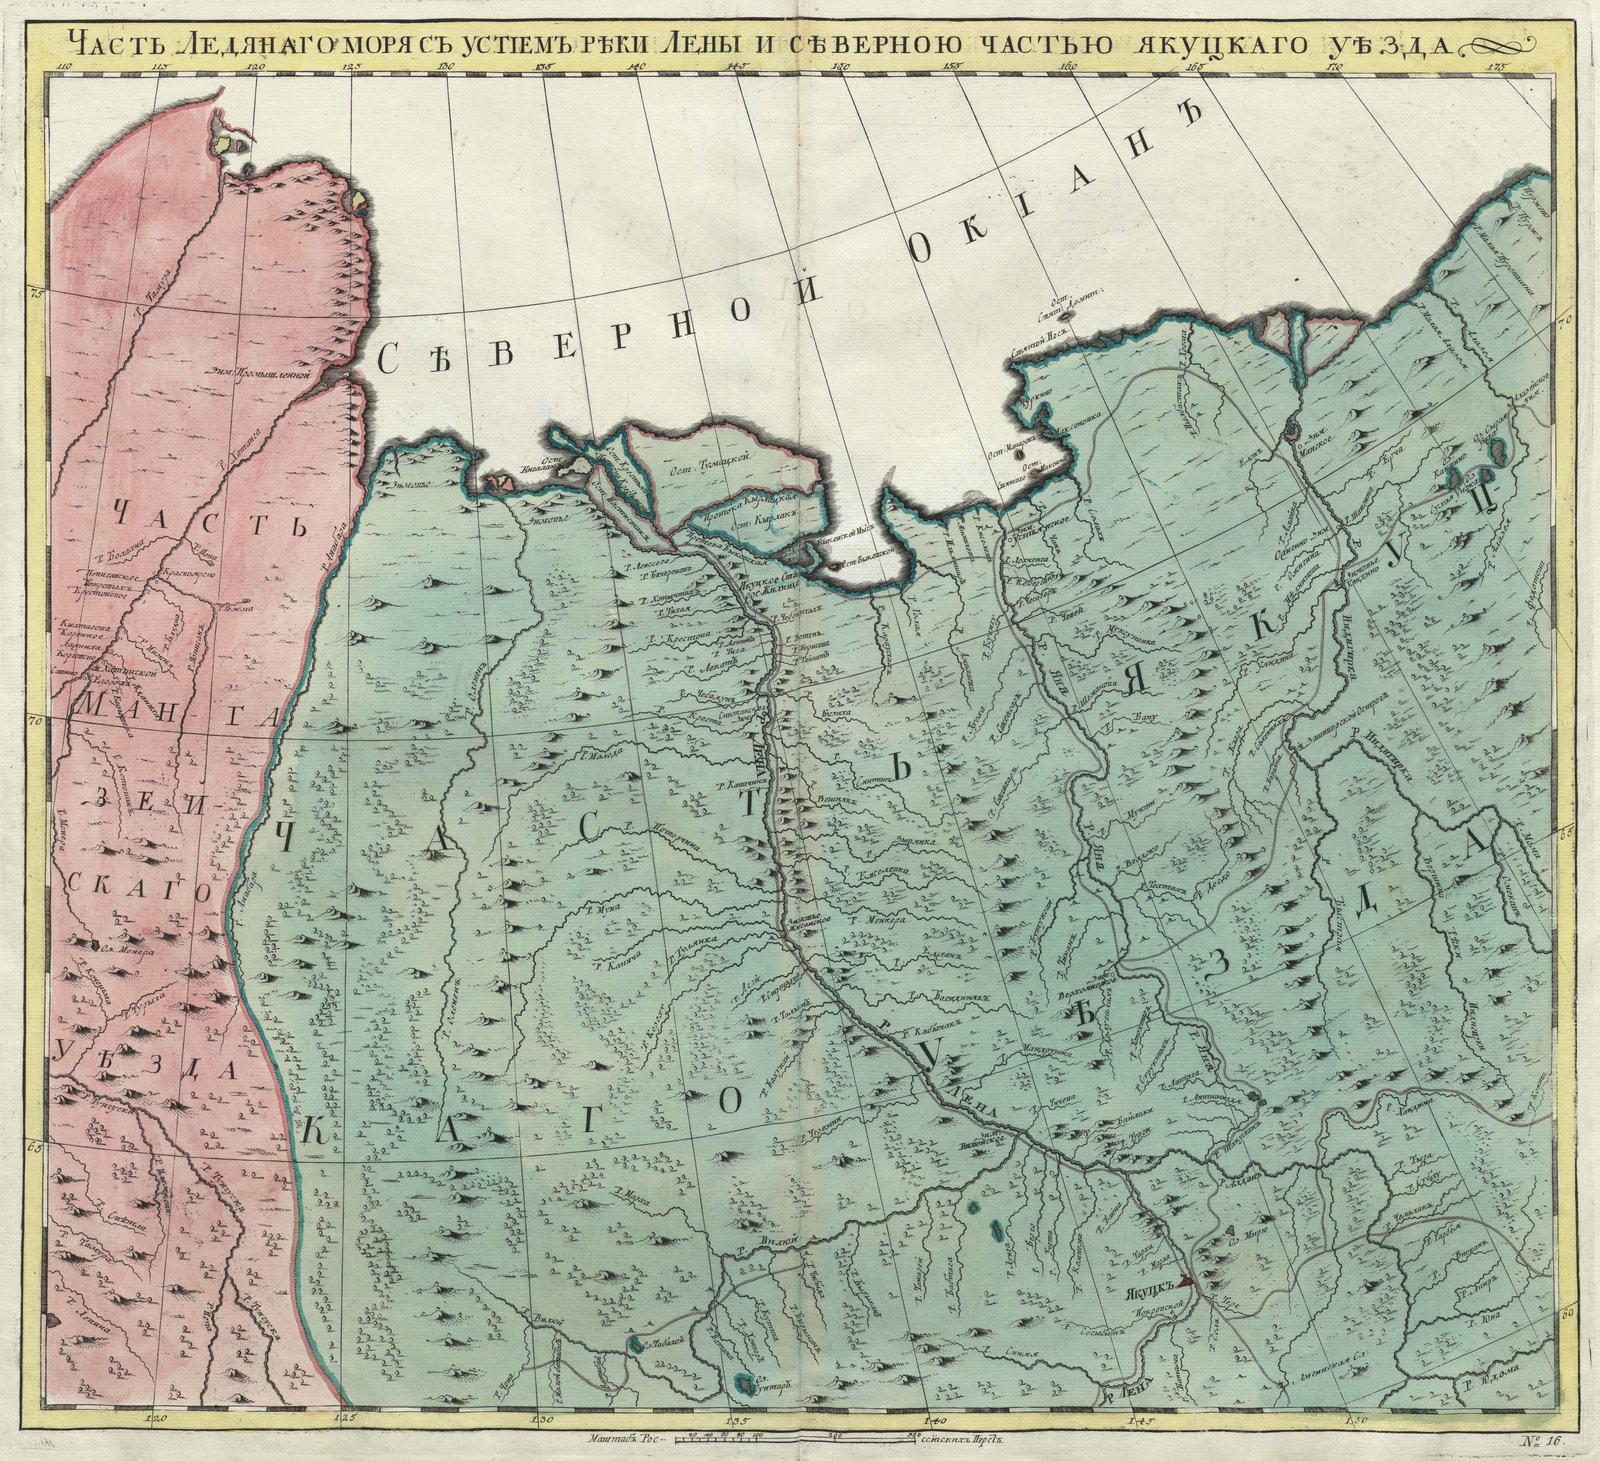 36. Часть Ледяного моря с устьем реки Лены и северной частью Якутского уезда